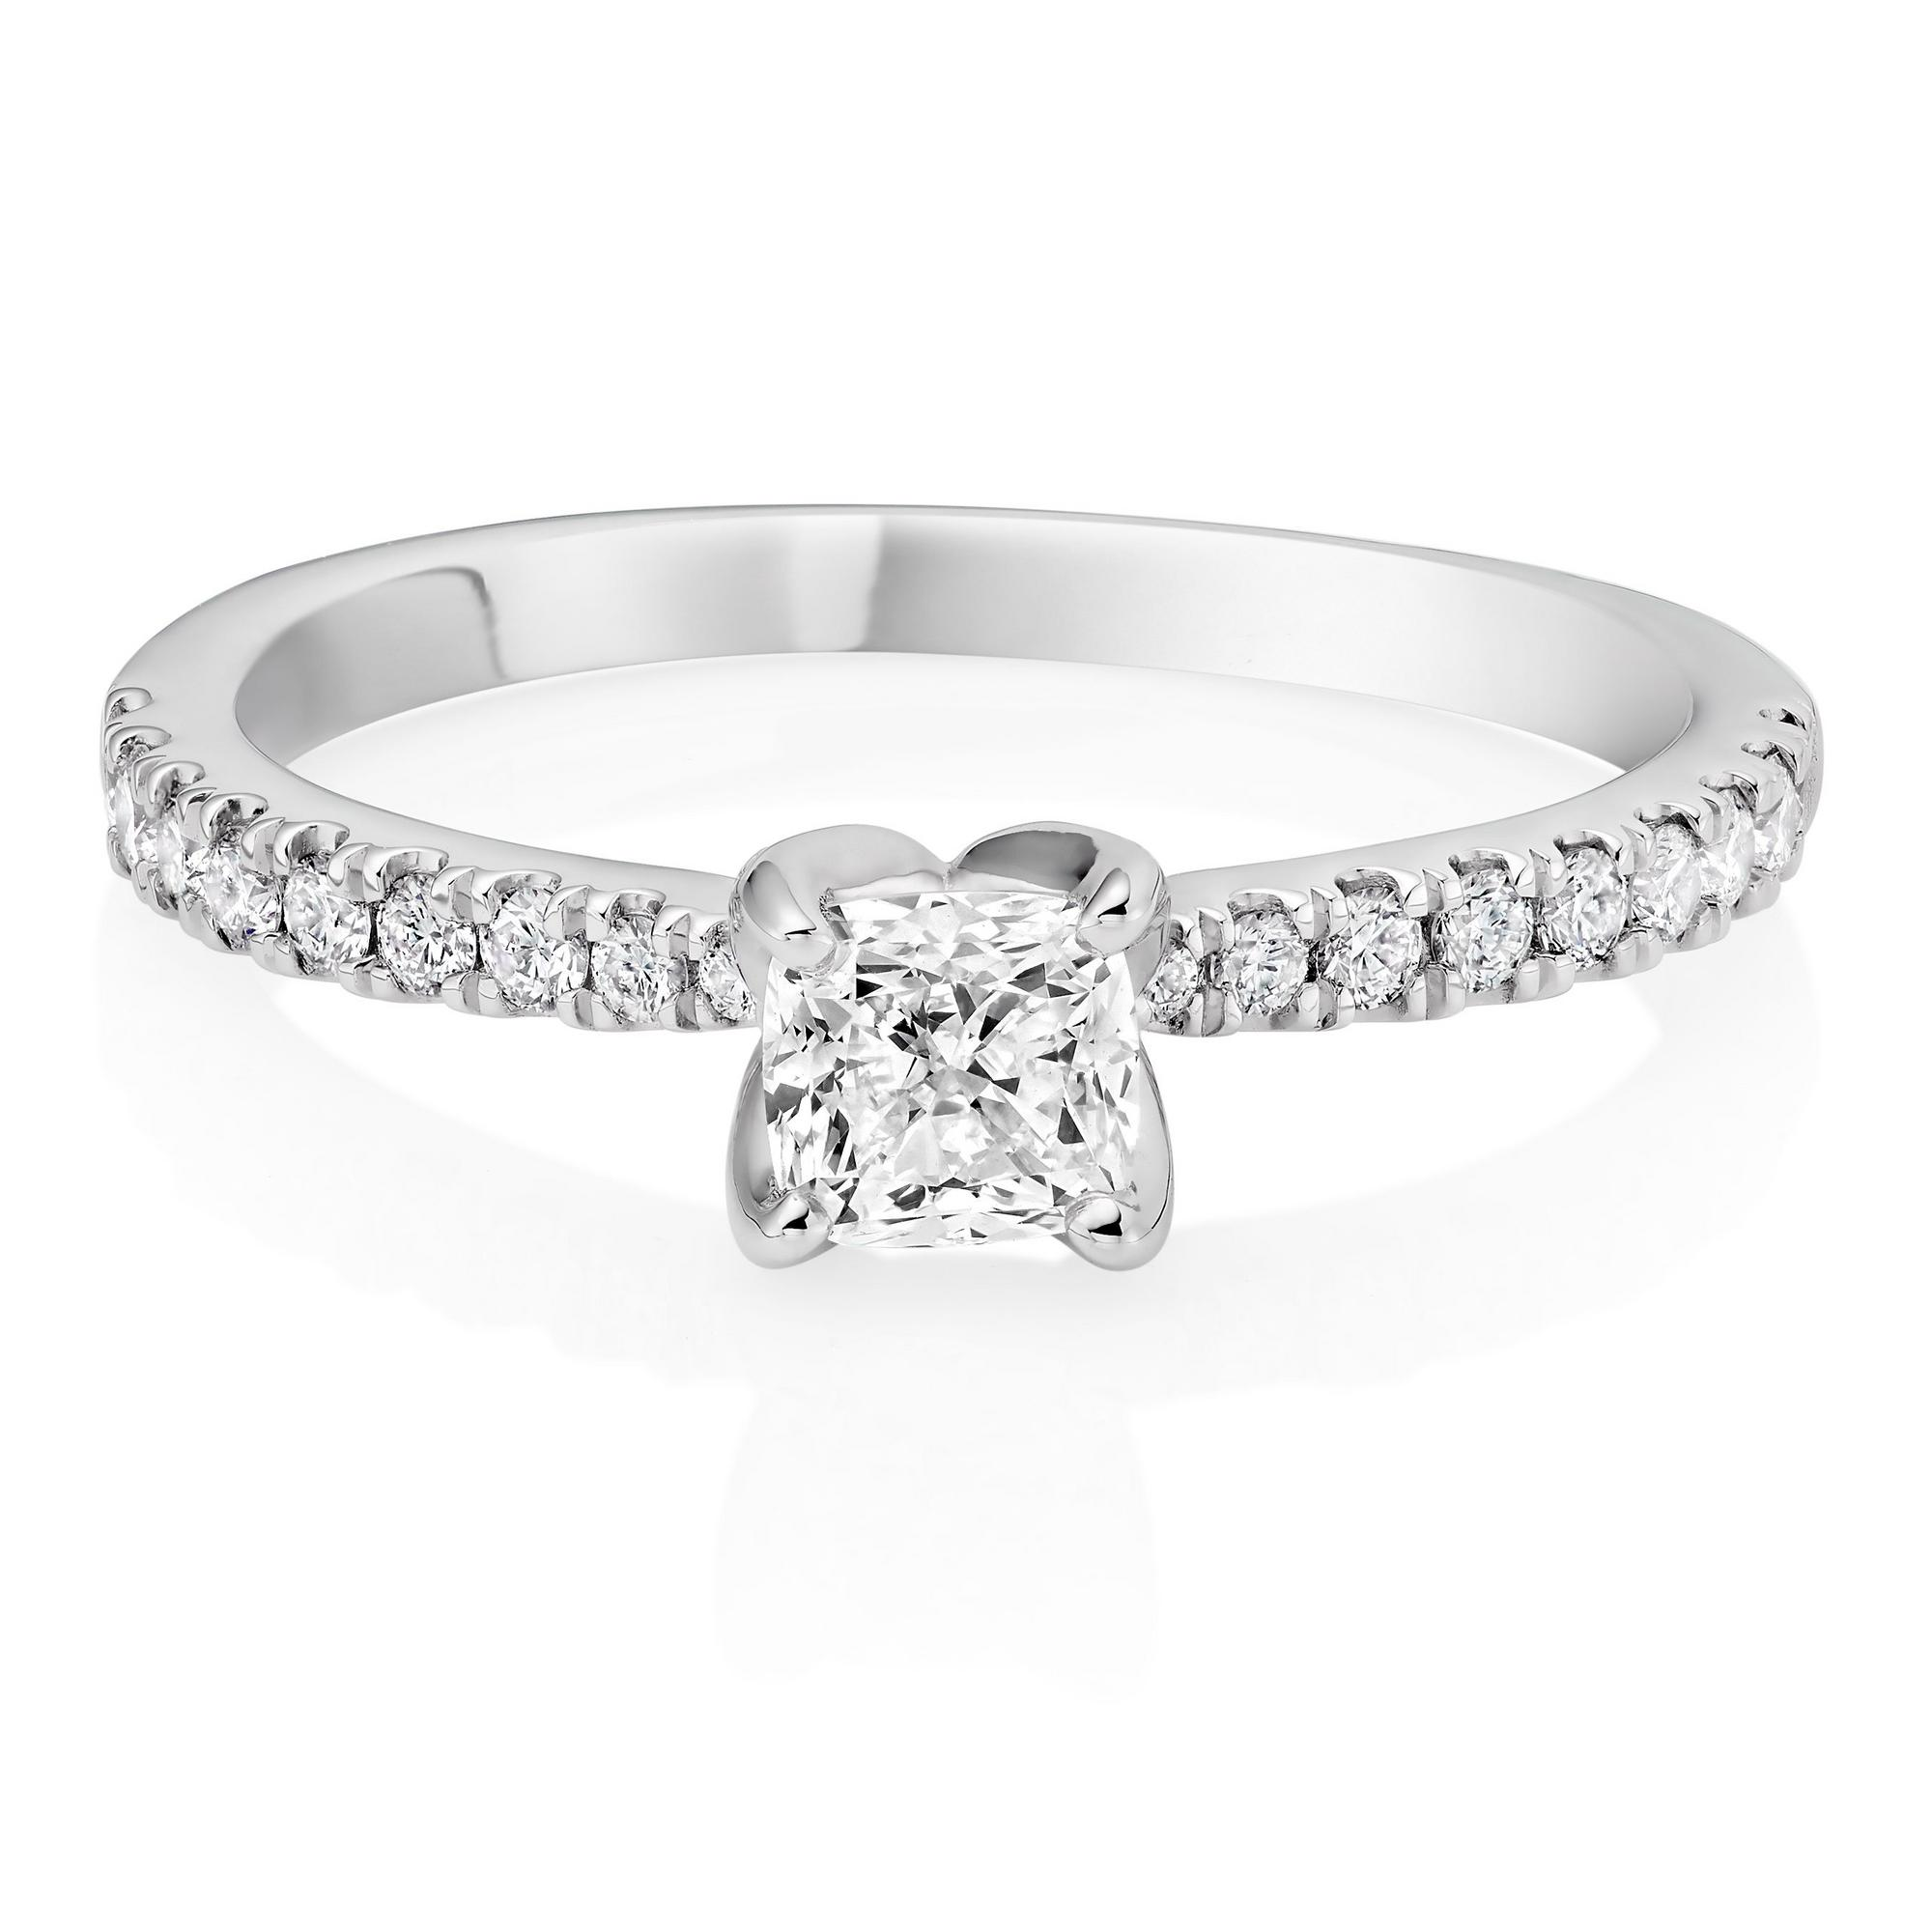 Royal Asscher Guinevere Platinum Diamond Royal Asscher Cushion Cut Solitaire Ring